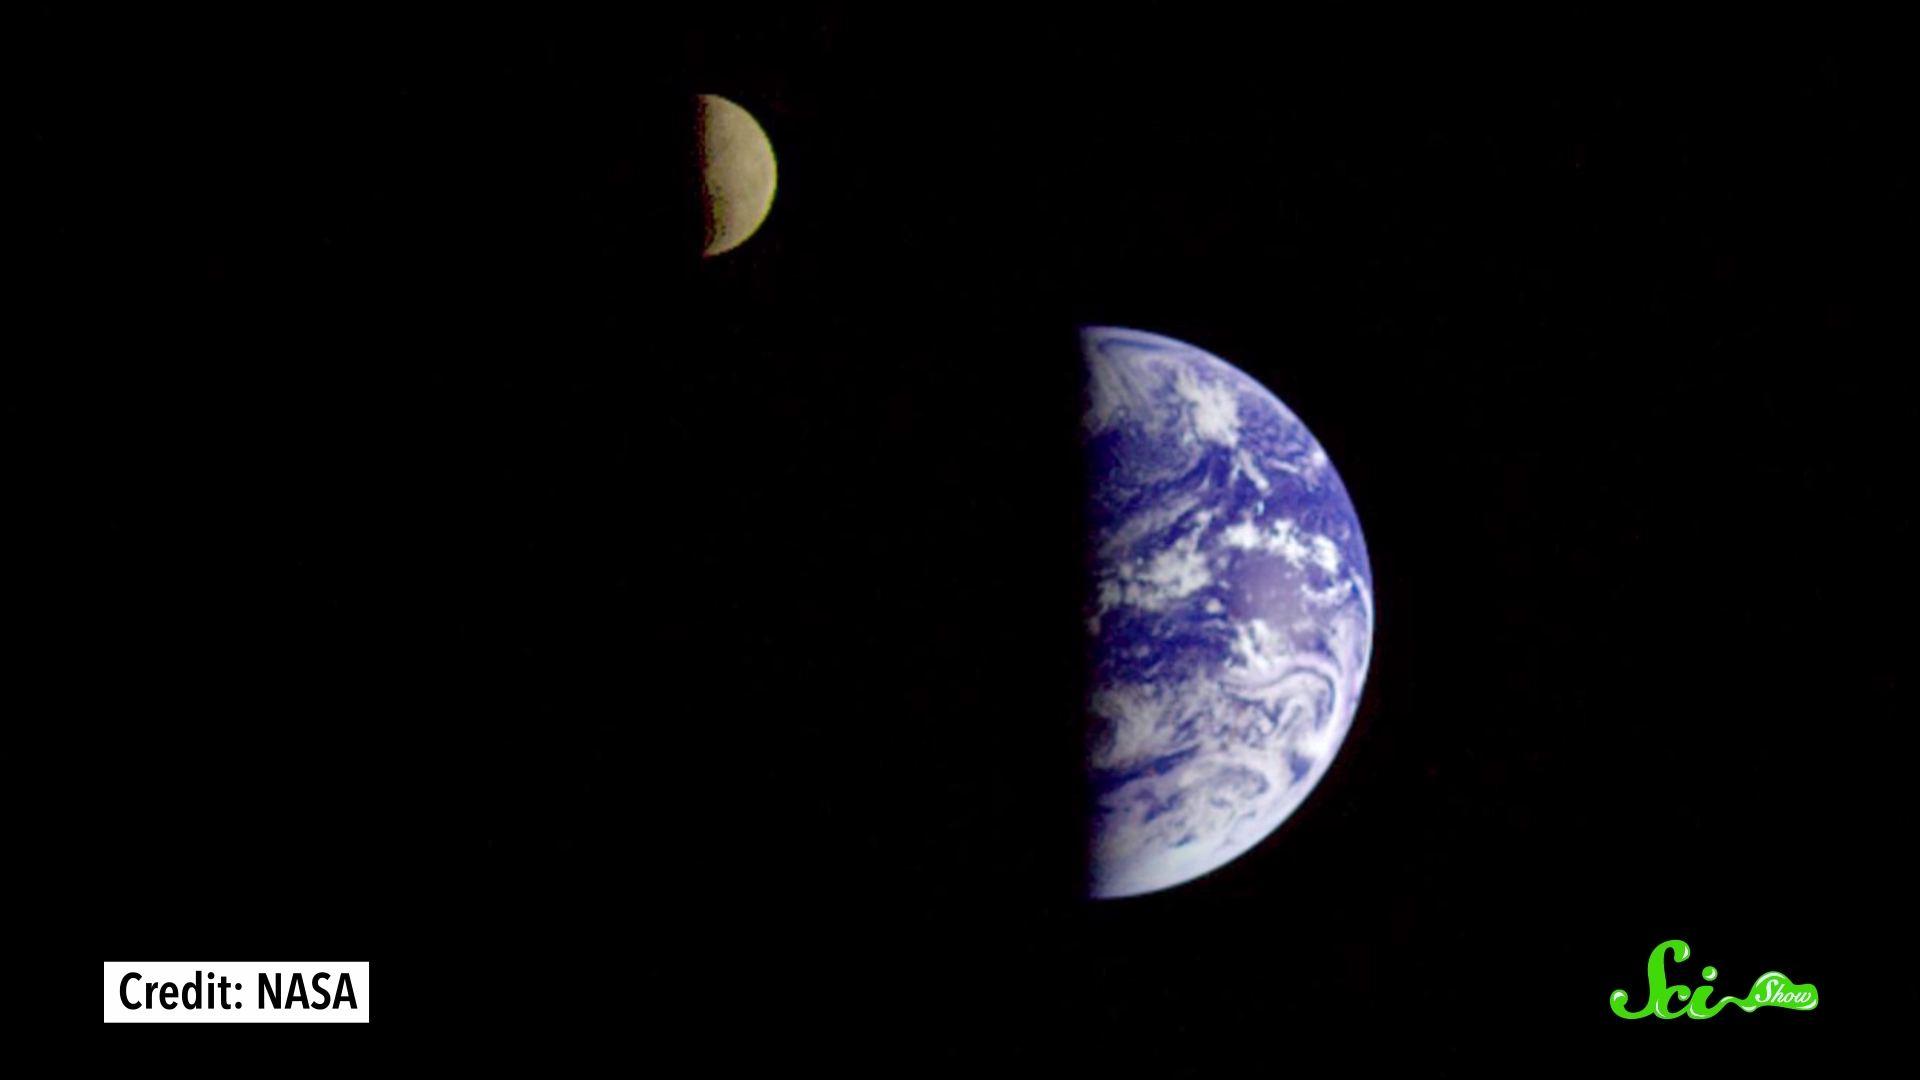 月は少しずつ地球から遠ざかっているらしい では最終的にどうなるのか